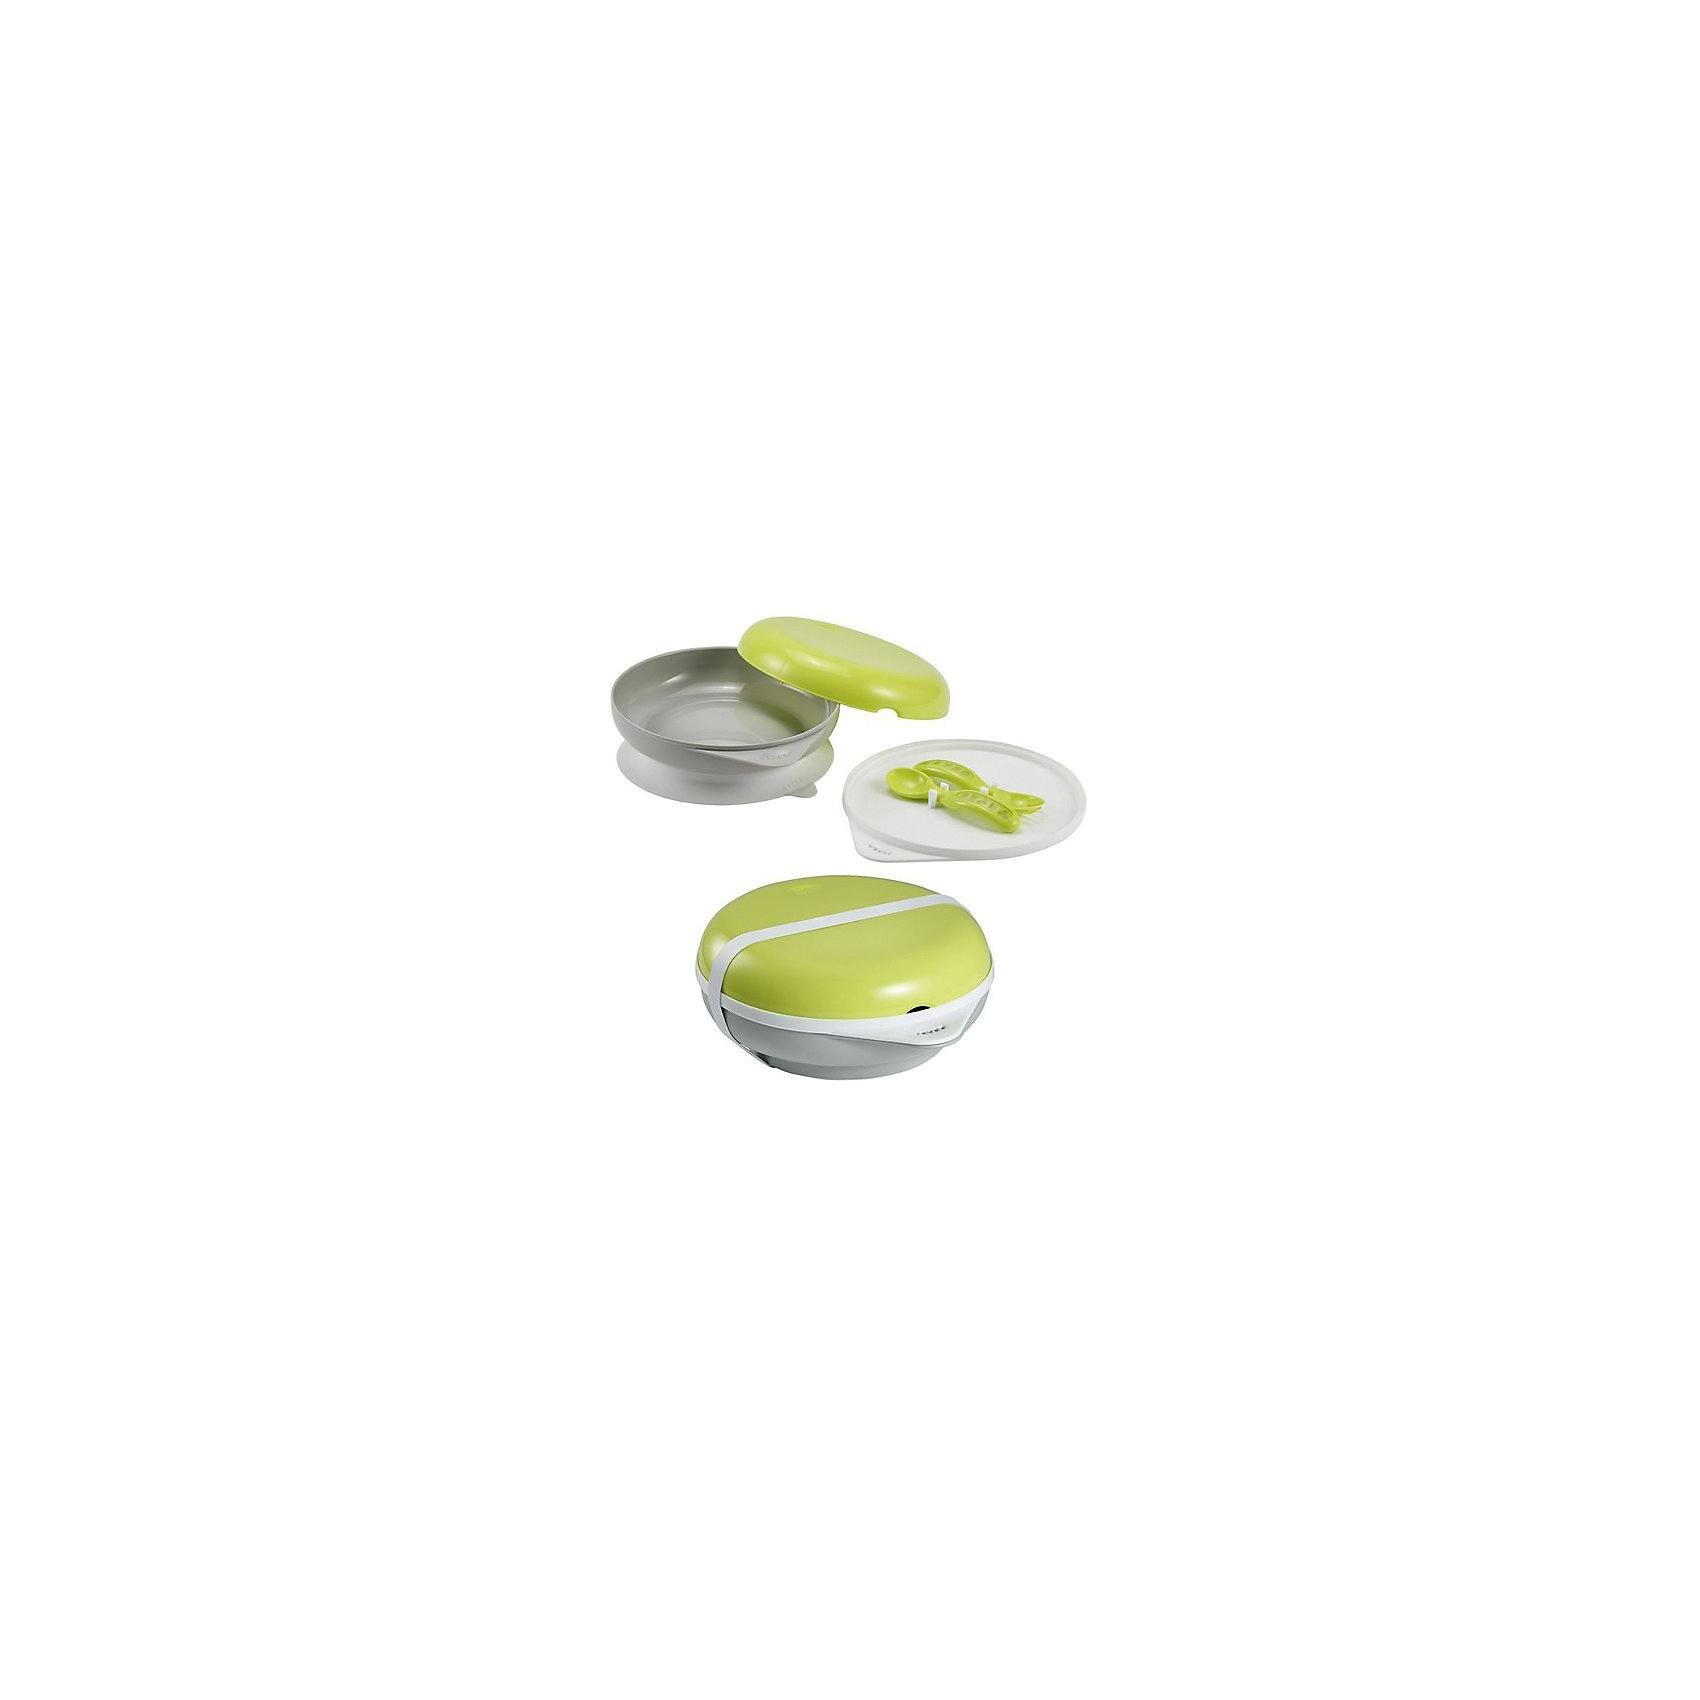 Набор посуды: тарелка+крышка, вилка+ложка, Beaba, салатовыйНабор посуды: тарелка+крышка, вилка+ложка, салатовый от знаменитого французского бренда товаров для детей Beaba (Беаба). Этот симпатичный и эргономичный набор придет по вкусу вашему непоседе и будет очень полезен в поездках. Глубокая тарелочка имеет удобную резинку у основания, не давая скользить по поверхности. В крышке для тарелки имеются специальные крепления для ложечки и вилочки. Ложка и вилка закрываются салатовой крышкой. Ложка и вилка представлены в удобном и безопасном дизайне, не давая им выскальзывать из ручек и благодаря закругленным частям, оберегая от повреждения маленький ротик. В основании набора специальны вкладыш, позволяющий уберечь тепло еды, этот вкладыш необходимо разогреть в микроволновой печи в течение 30 секунд или 2х минут в паровой бане, затем необходимо прикрутить его к основанию набора. Прекрасный выбор для малышей, ведь они достойны самого лучшего!<br>Дополнительная информация:<br><br>- В набор входит: глубокая тарелка с подставкой, крышка с креплениями, закрывающая крышка, вилка, ложка, резиночка для плотного закрытия.<br>- Состав: пластик<br>- Размер: 120, 240, 420 мл.<br>- Можно мыть в посудомоечной машине или стерилизовать <br><br><br>Набор посуды: тарелка+крышка, вилка+ложка, салатовый, Beaba (Беаба) можно купить в нашем интернет-магазине.<br>Подробнее:<br>• Для детей в возрасте: от 7 месяцев<br>• Номер товара: 5010896<br>Страна производитель: Китай<br><br>Ширина мм: 190<br>Глубина мм: 80<br>Высота мм: 220<br>Вес г: 600<br>Возраст от месяцев: 6<br>Возраст до месяцев: 24<br>Пол: Унисекс<br>Возраст: Детский<br>SKU: 5010896